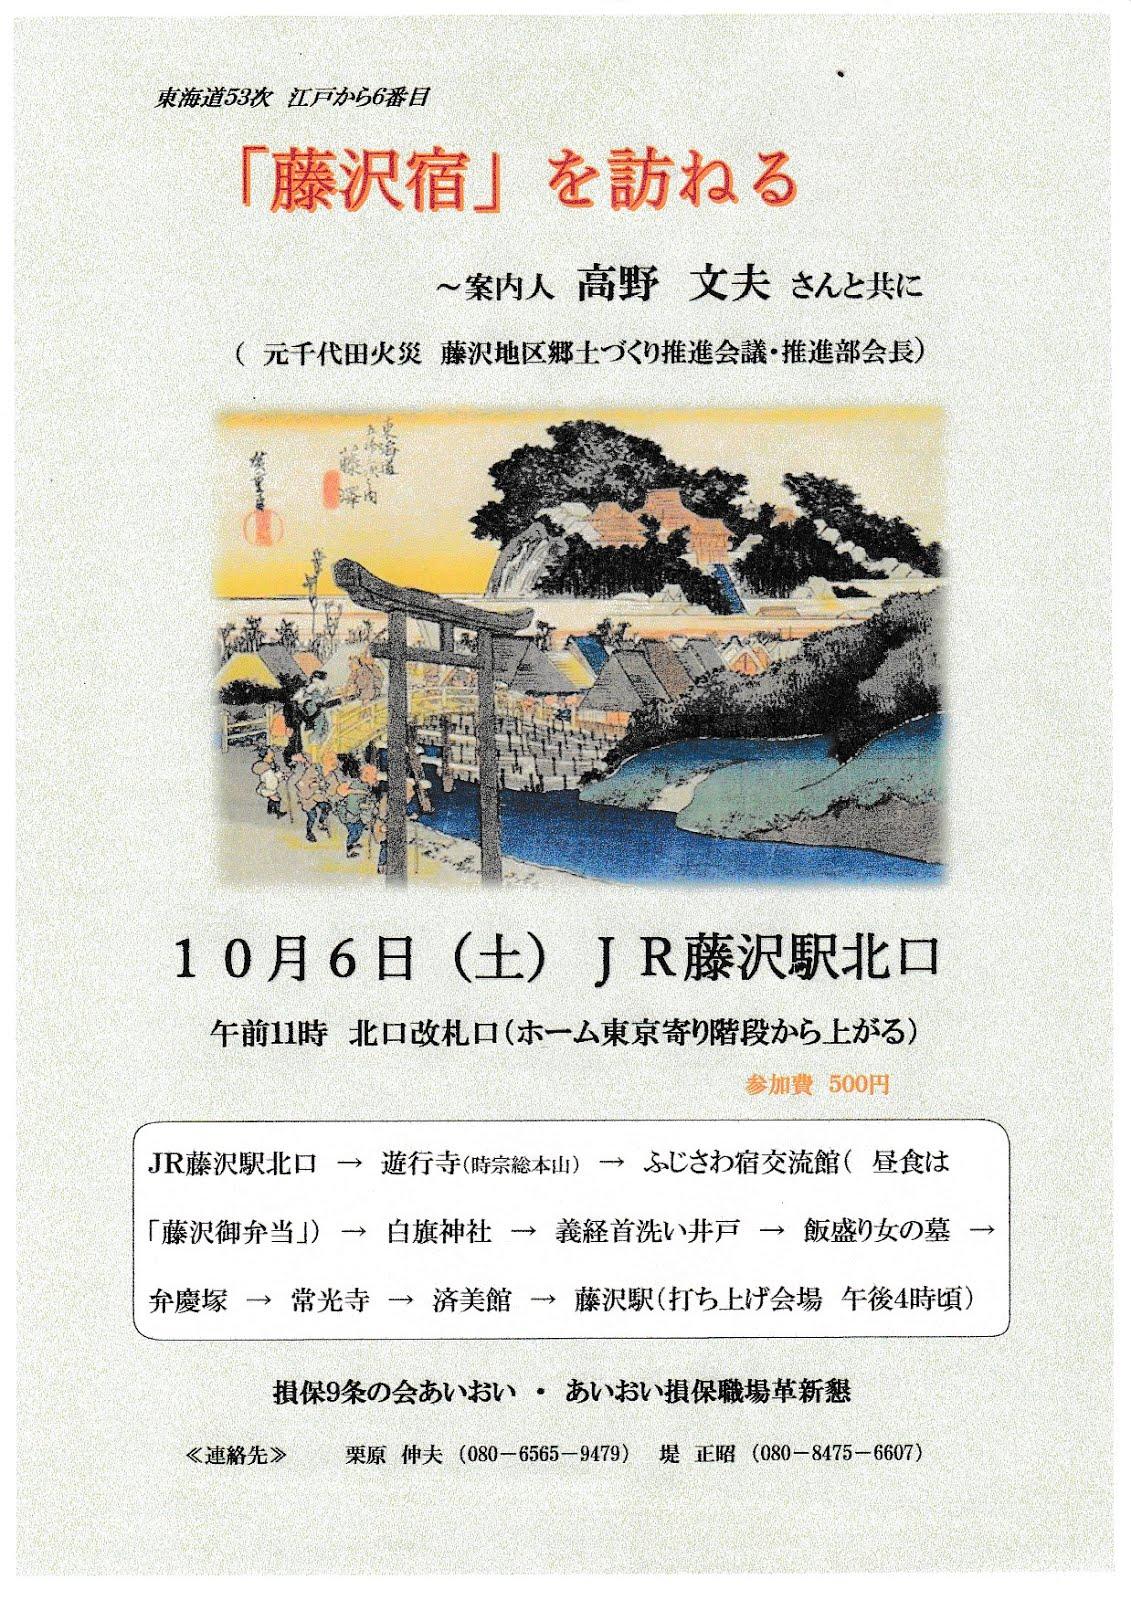 10月6日 「藤沢宿」探訪